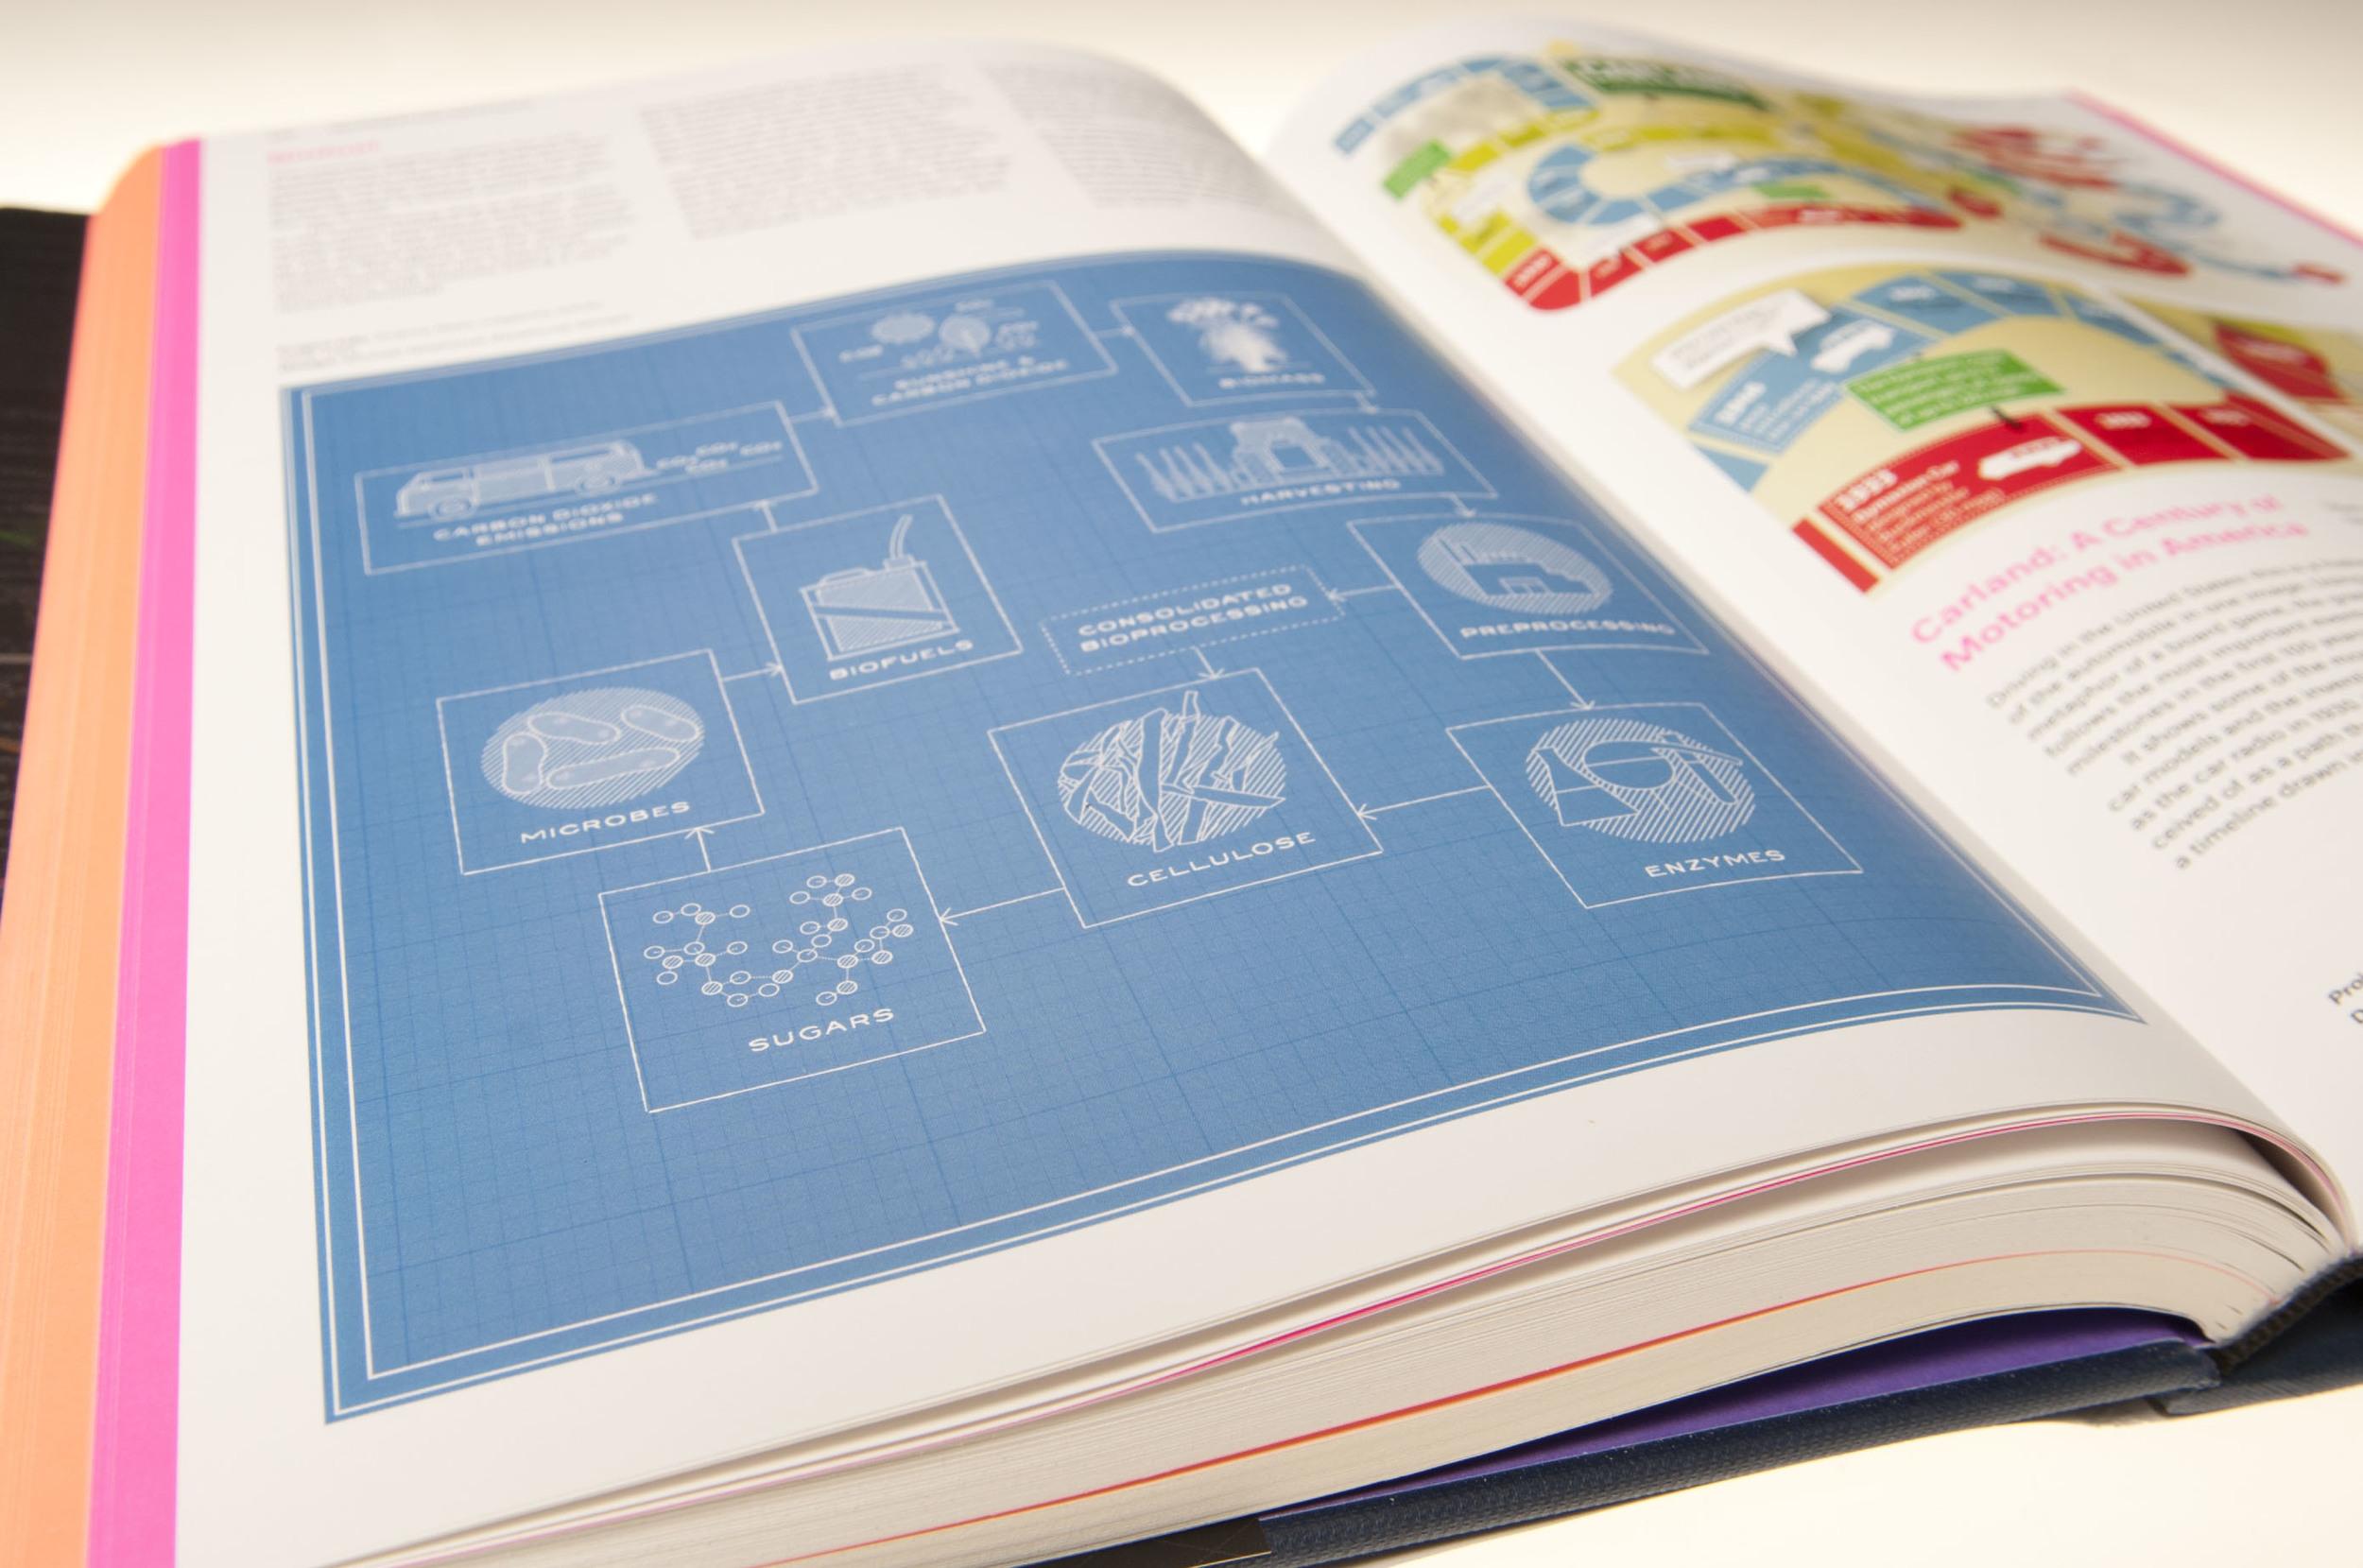 Information Graphics, book by Taschen